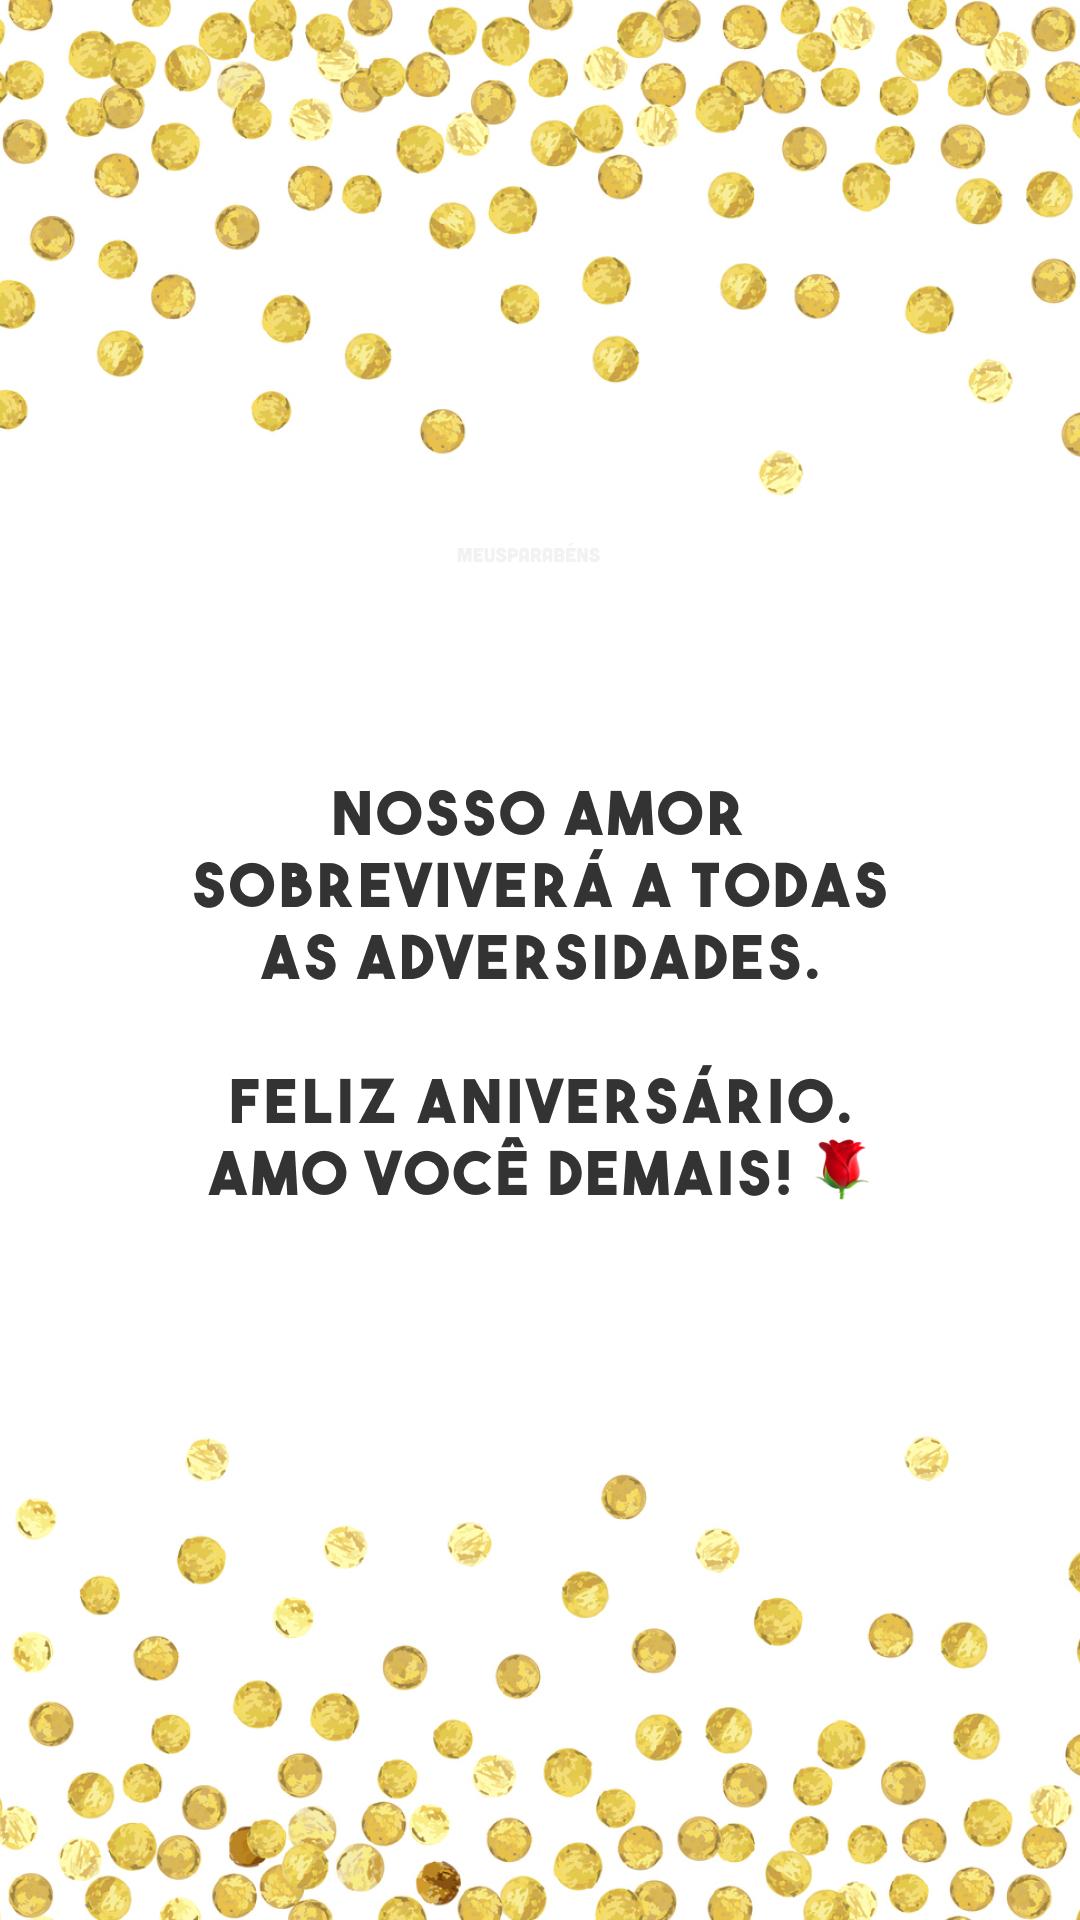 Nosso amor sobreviverá a todas as adversidades. Feliz aniversário. Amo você demais! 🌹